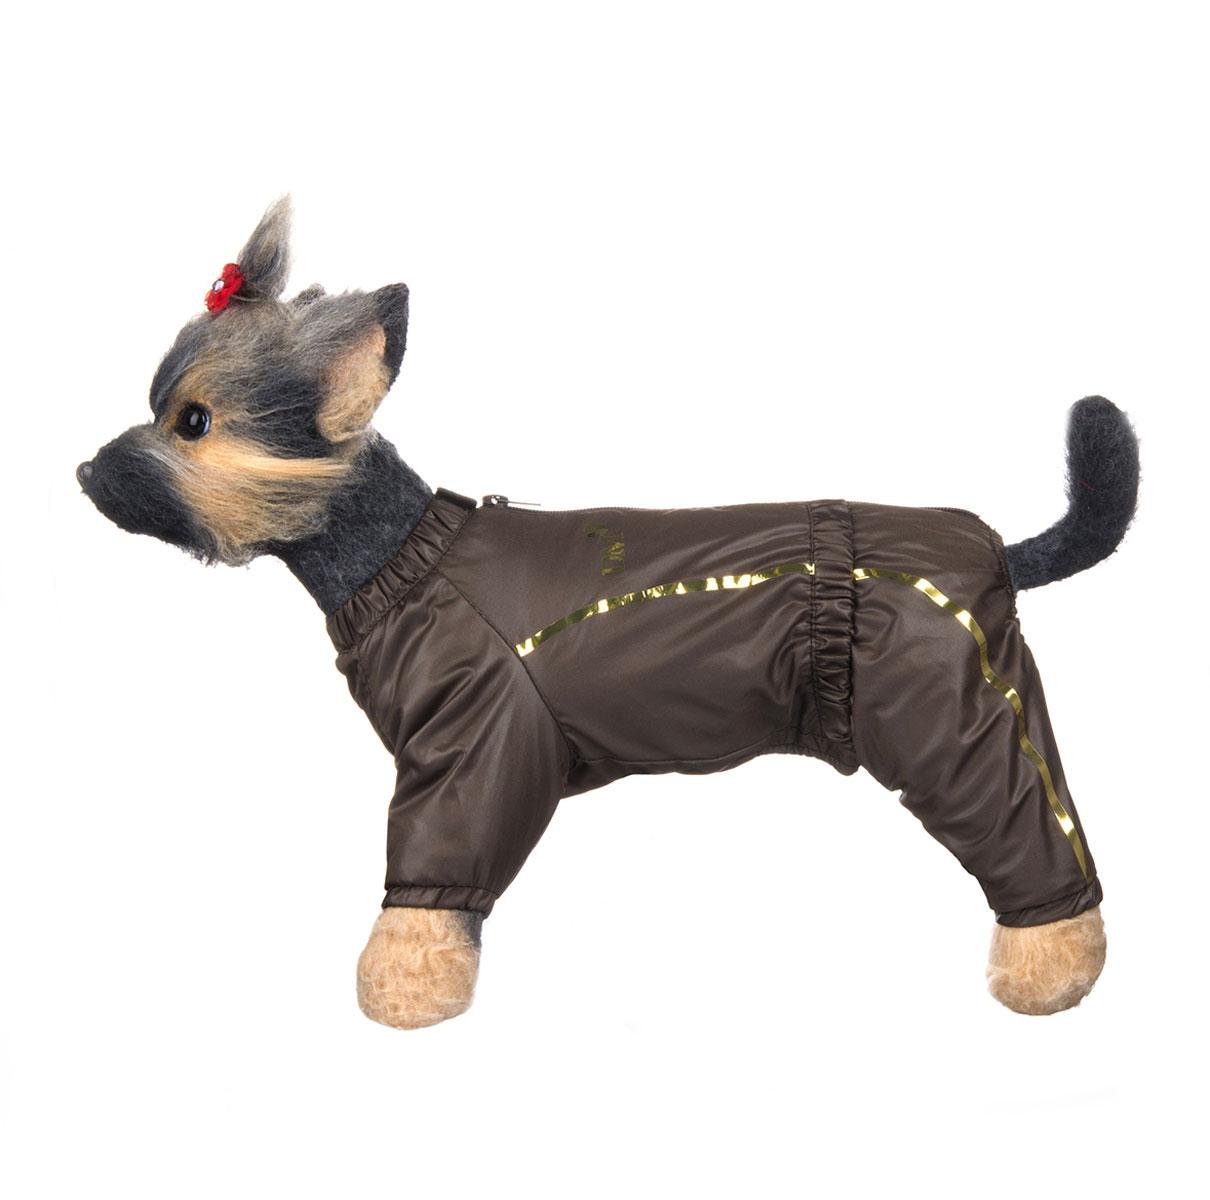 Комбинезон для собак Dogmoda Альпы, зимний, для мальчика, цвет: коричневый, бежевый. Размер 1 (S)DM-150352-1Зимний комбинезон для собак Dogmoda Альпы отлично подойдет для прогулок в зимнее время года. Комбинезон изготовлен из полиэстера, защищающего от ветра и снега, с утеплителем из синтепона, который сохранит тепло даже в сильные морозы, а на подкладке используется искусственный мех, который обеспечивает отличный воздухообмен. Комбинезон застегивается на молнию и липучку, благодаря чему его легко надевать и снимать. Ворот, низ рукавов и брючин оснащены внутренними резинками, которые мягко обхватывают шею и лапки, не позволяя просачиваться холодному воздуху. На пояснице имеется внутренняя резинка. Изделие декорировано золотистыми полосками и надписью DM. Благодаря такому комбинезону простуда не грозит вашему питомцу и он сможет испытать не сравнимое удовольствие от снежных игр и забав.